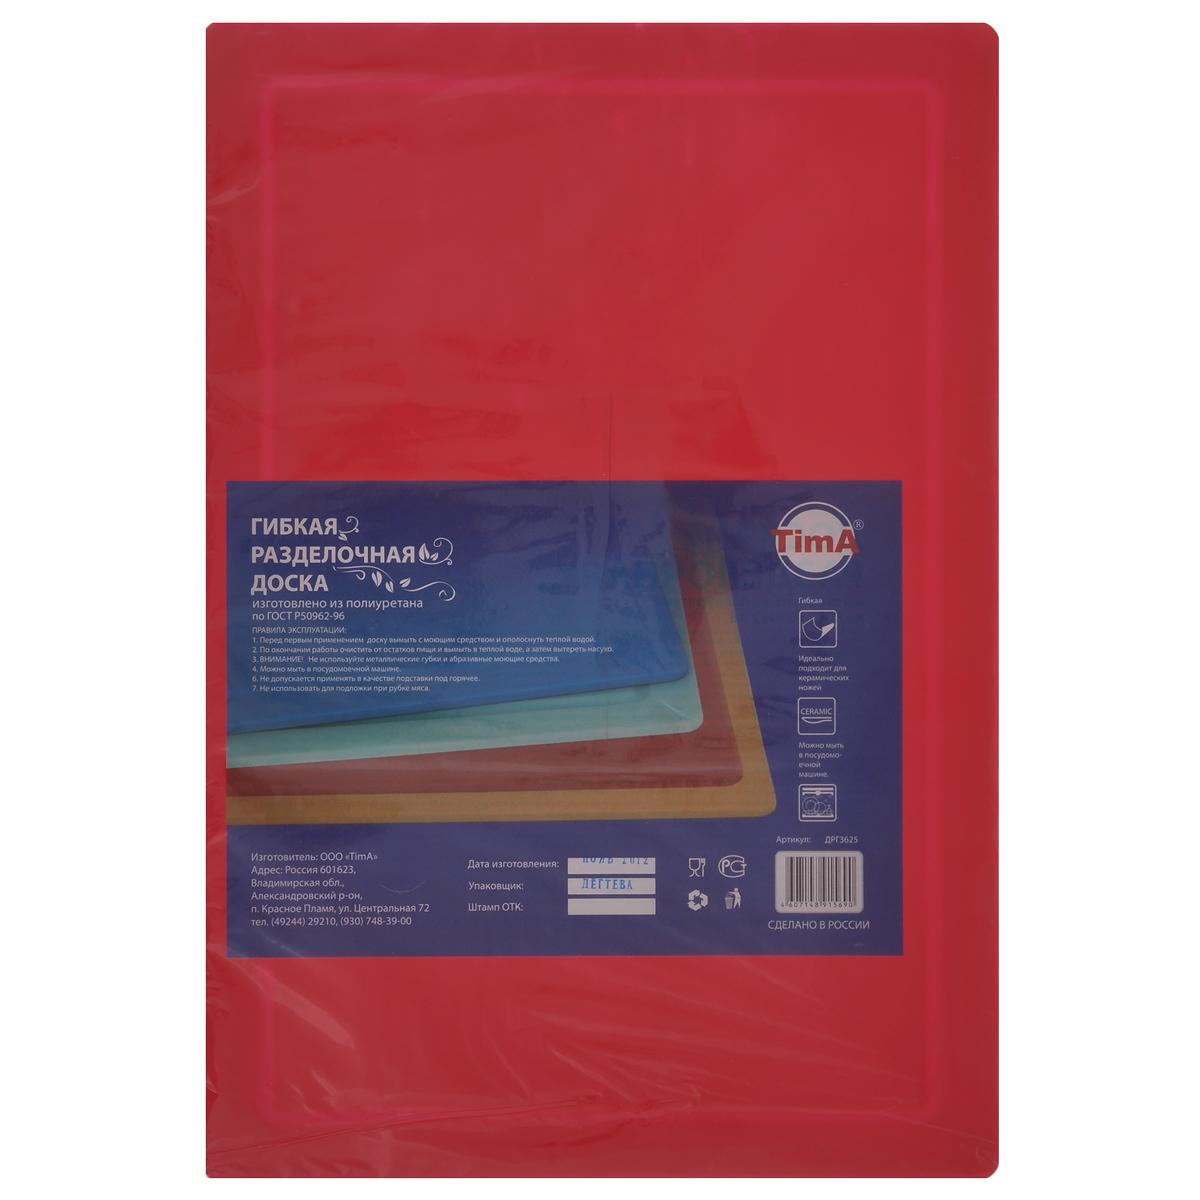 Доска разделочная TimA, цвет: красный, 36 х 25 см тендерайзер tima красный